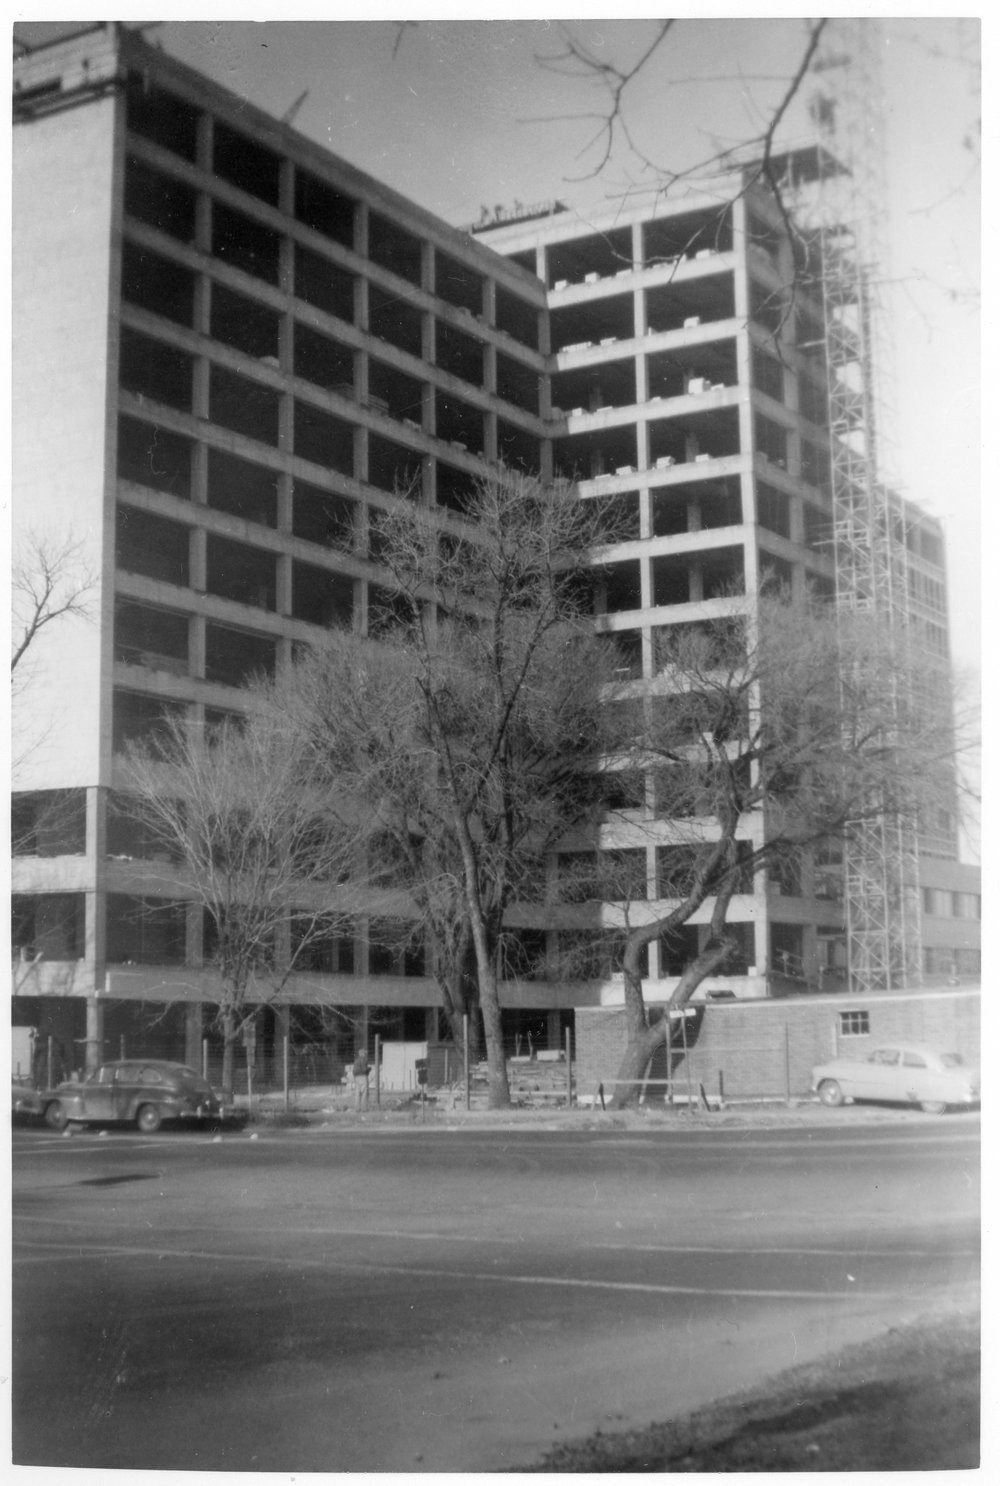 Kansas State Office Building, Topeka, Kansas - 3